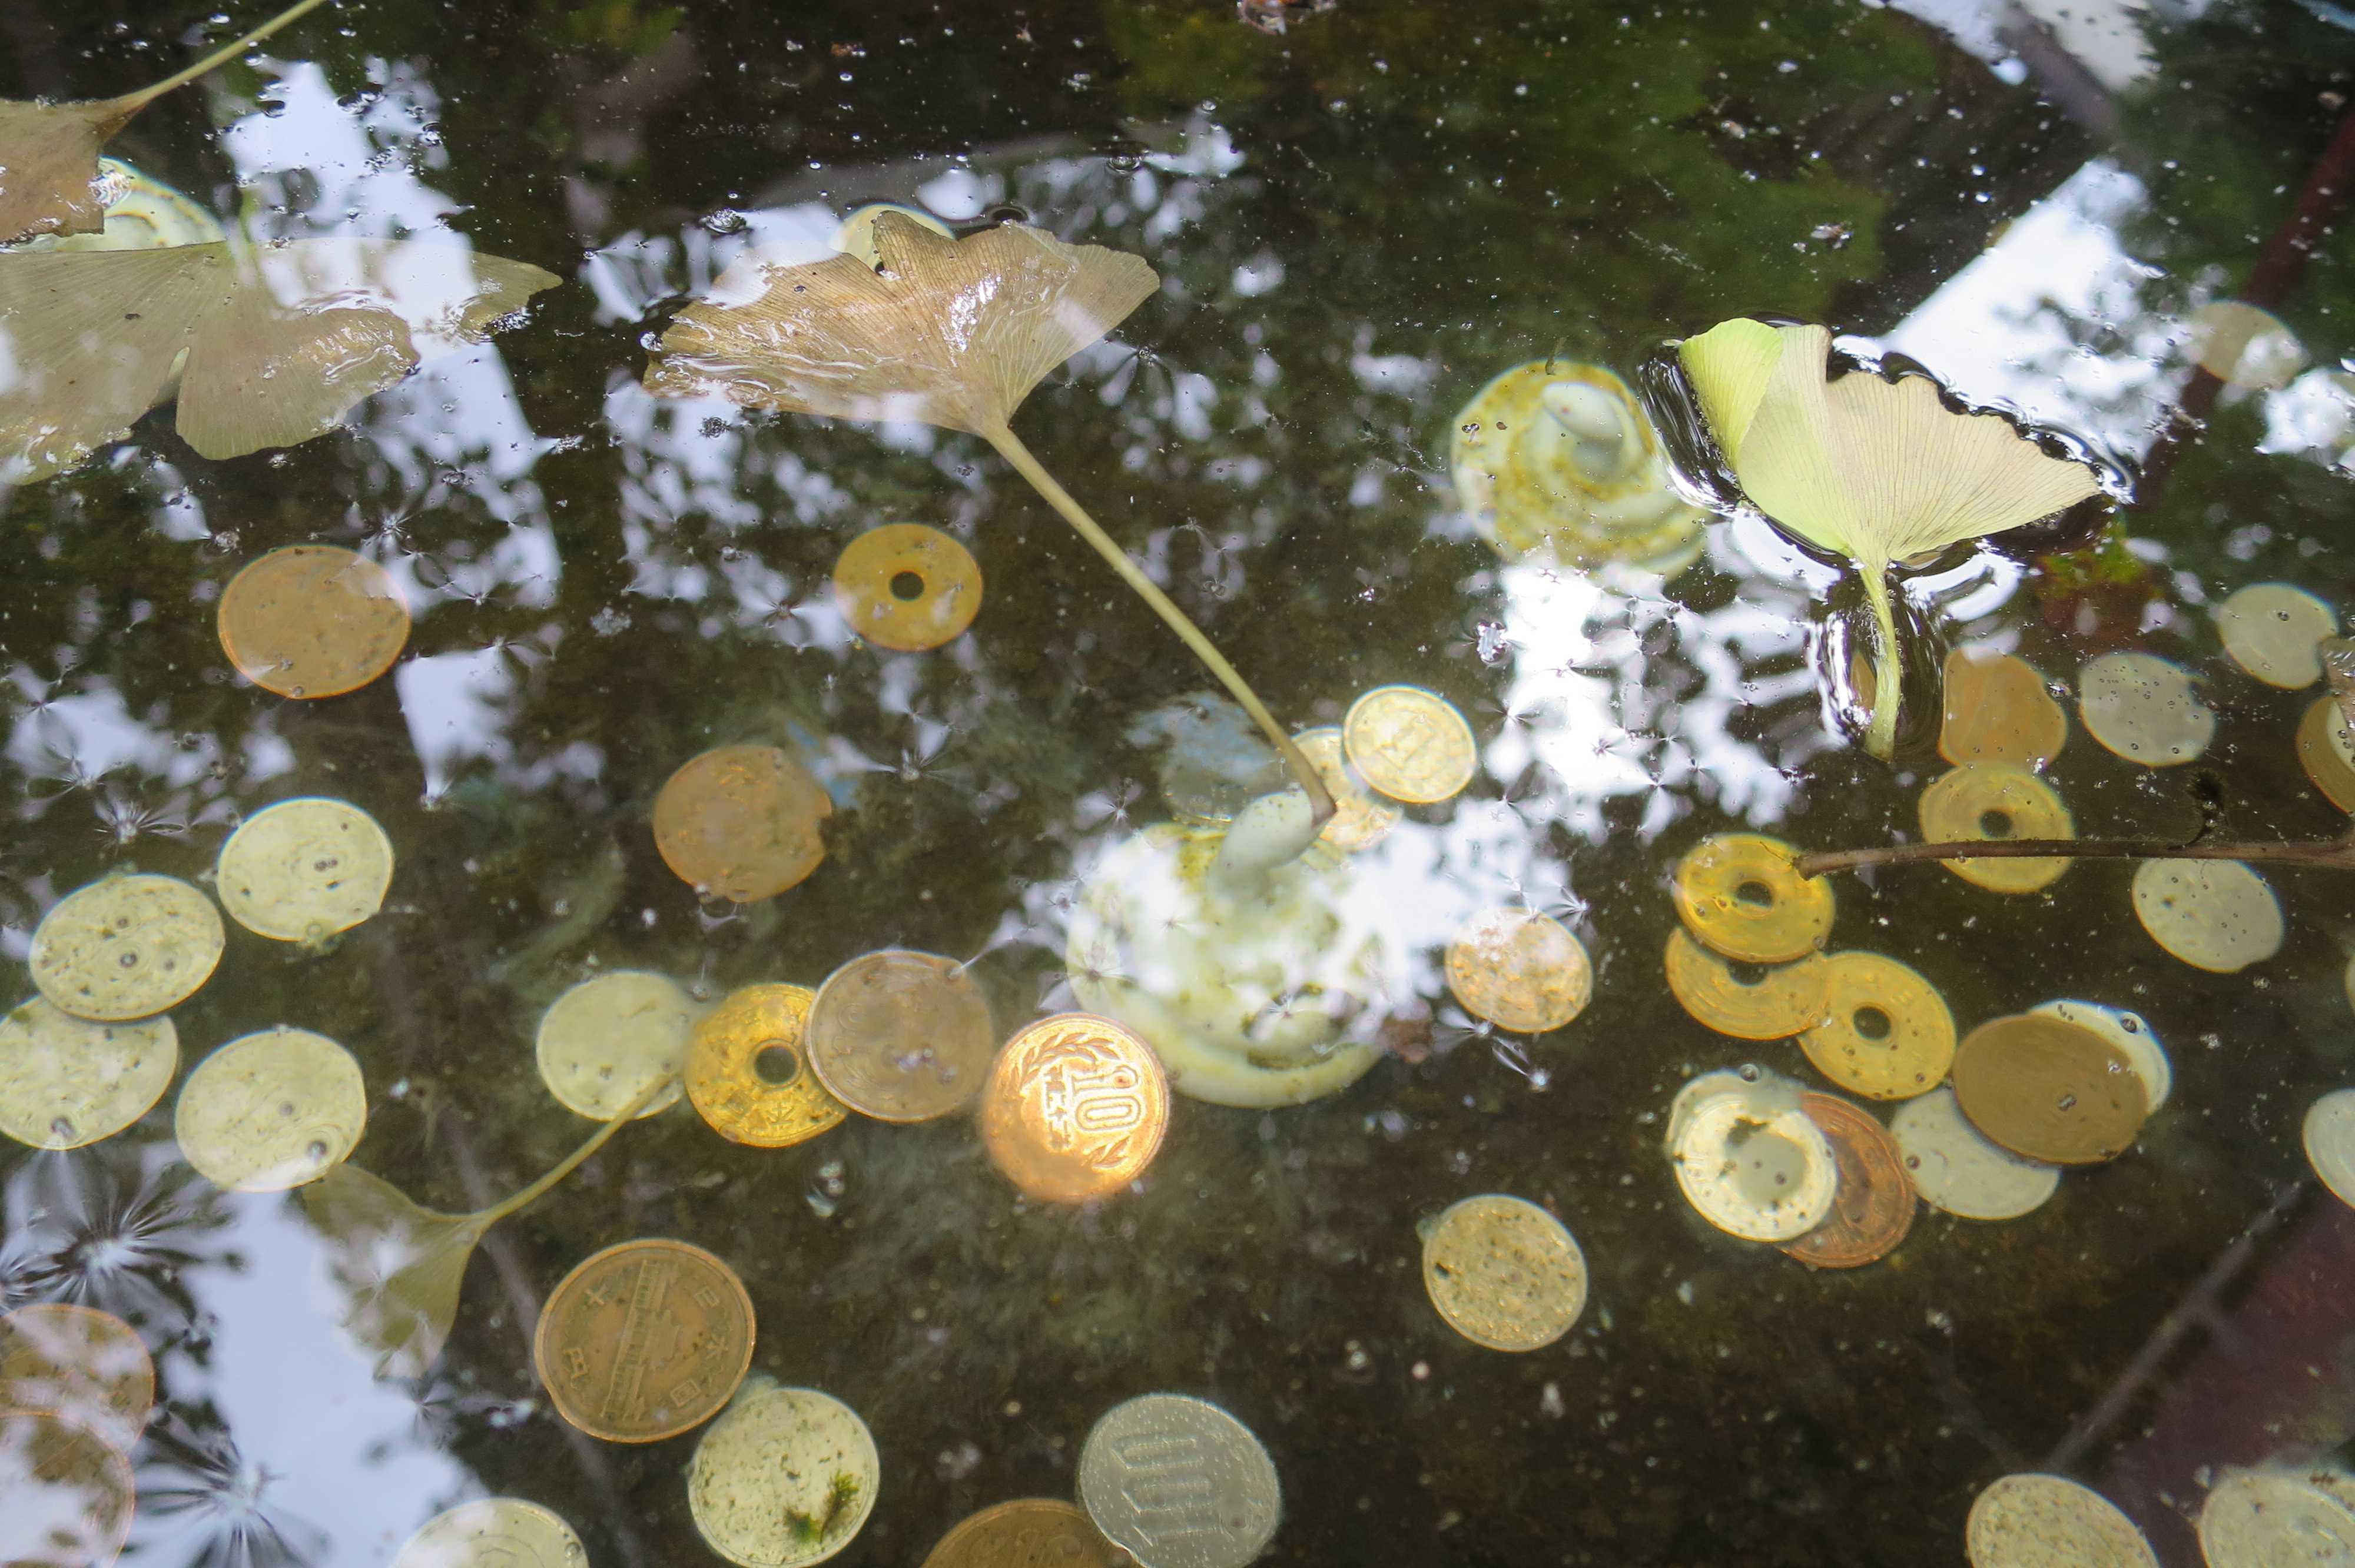 水鉢の水の上に浮くイチョウの葉と水鉢の水の中の10円玉